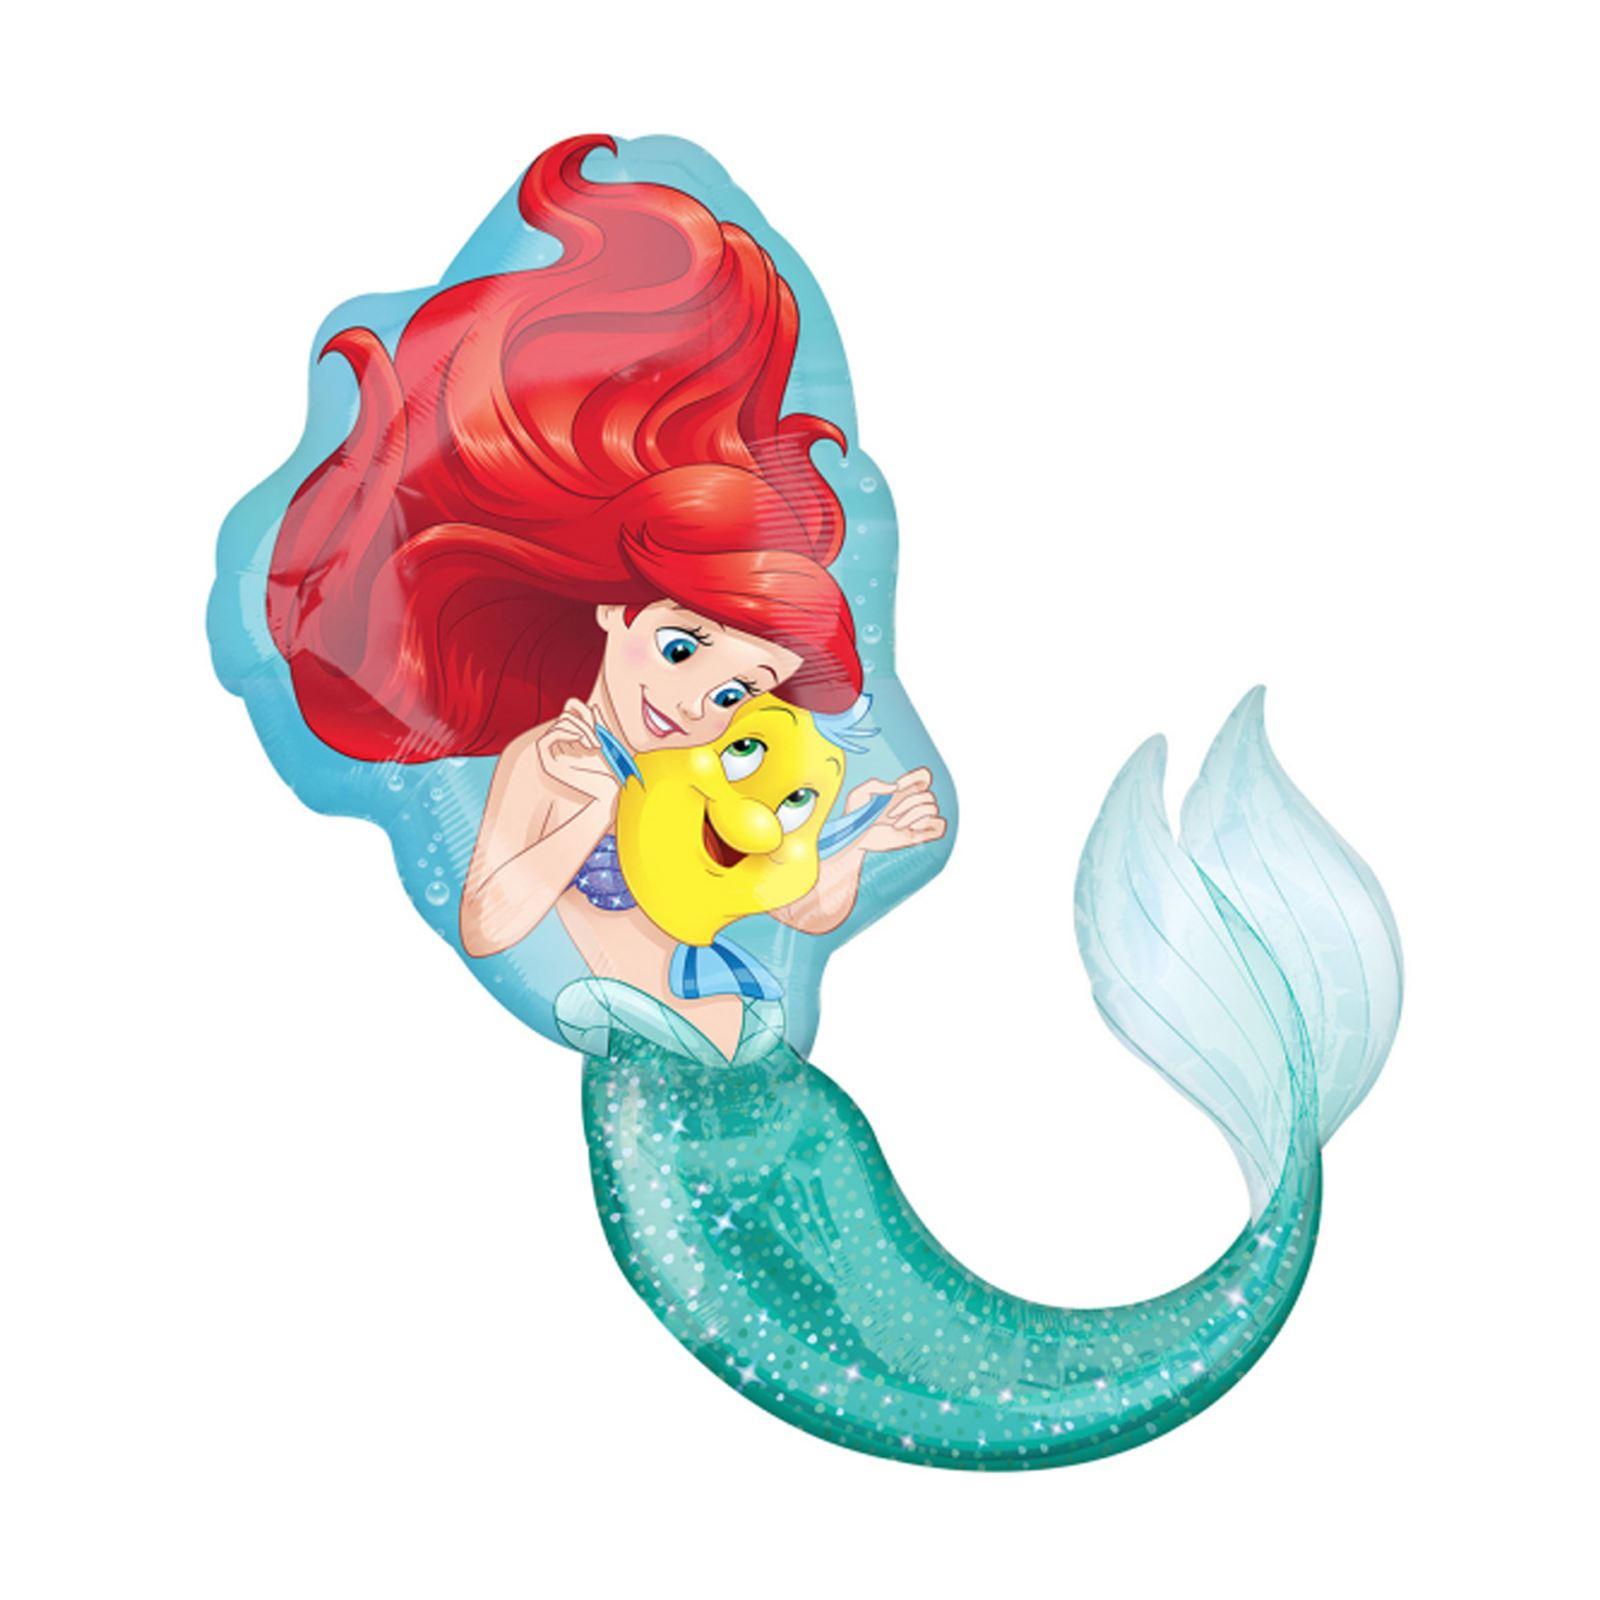 Officiel-disney-princesse-plat-ballon-geant-cadeau-filles-fete-d-039-anniversaire-decoration miniature 3